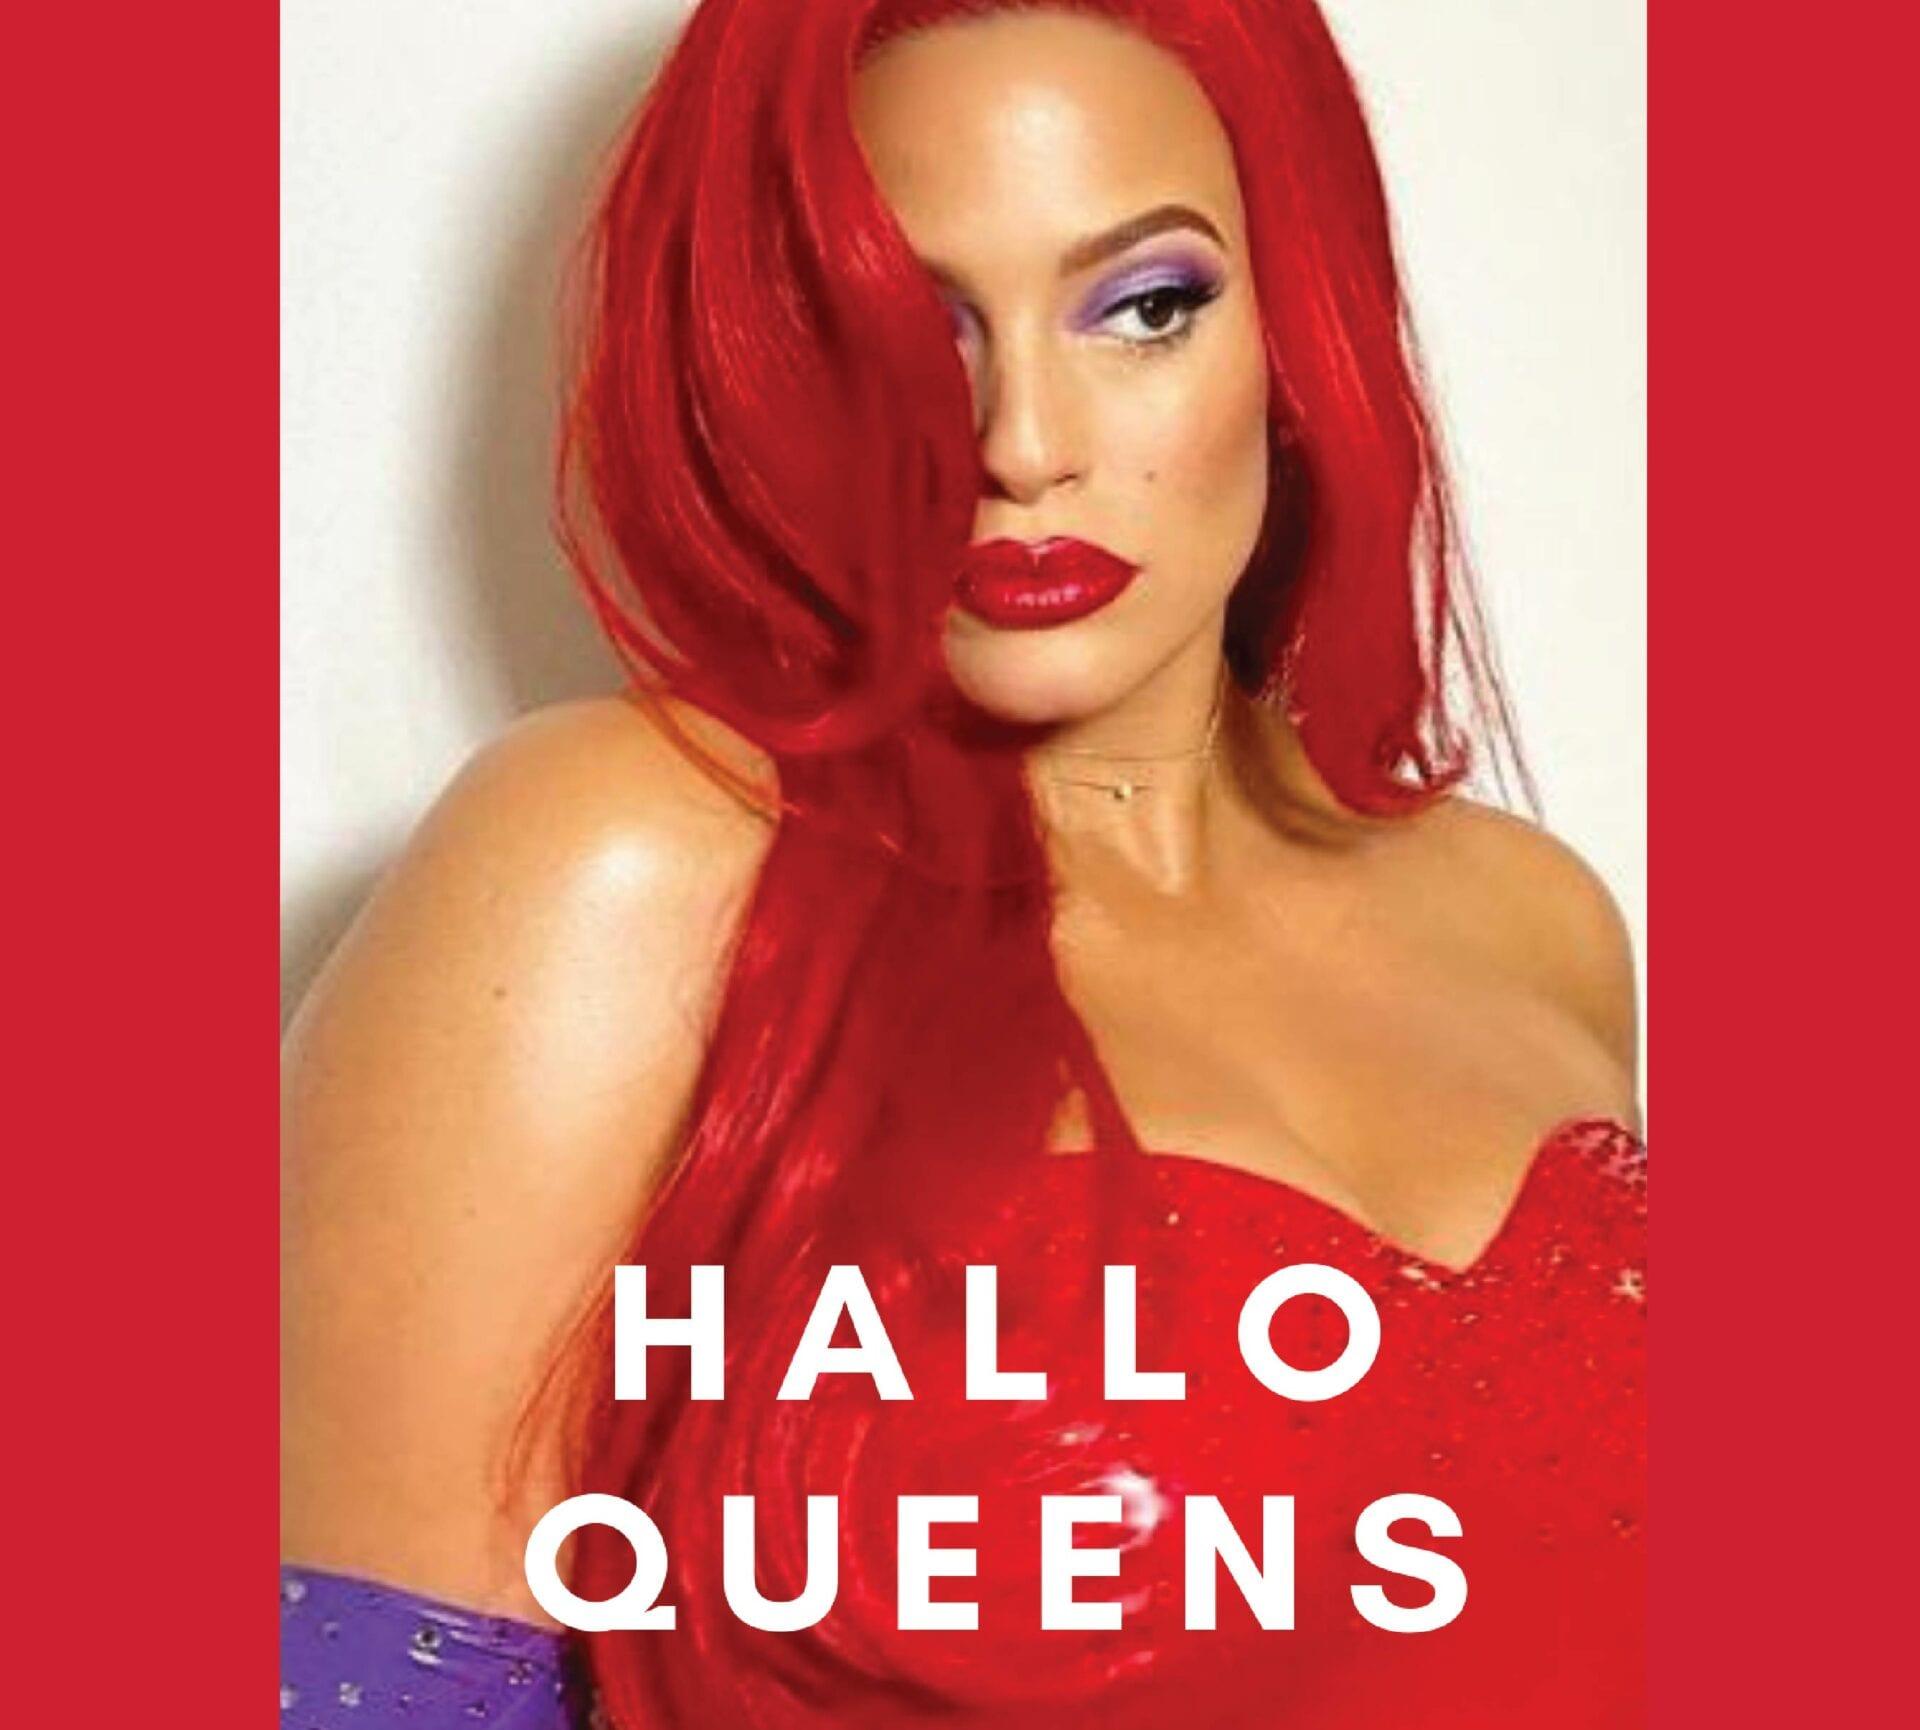 HalloQueens - celebs best dressed 2019